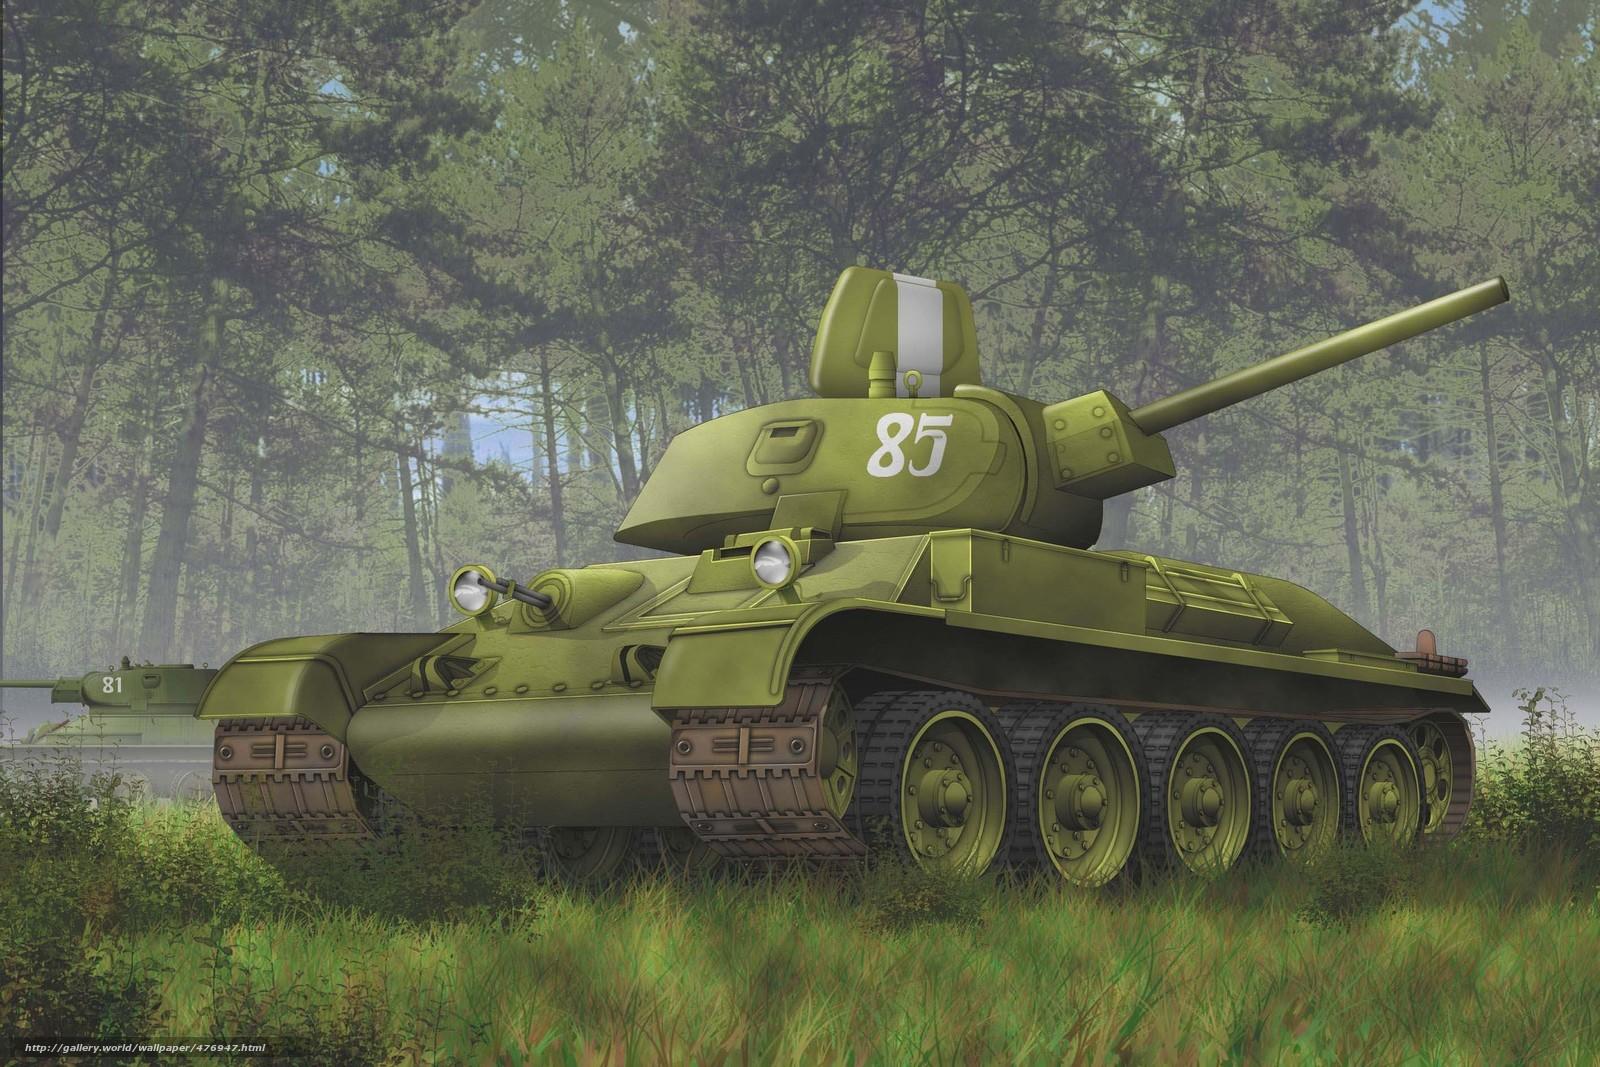 Скачать обои танкк,  лес,  советский бесплатно для рабочего стола в разрешении 2835x1890 — картинка №476947